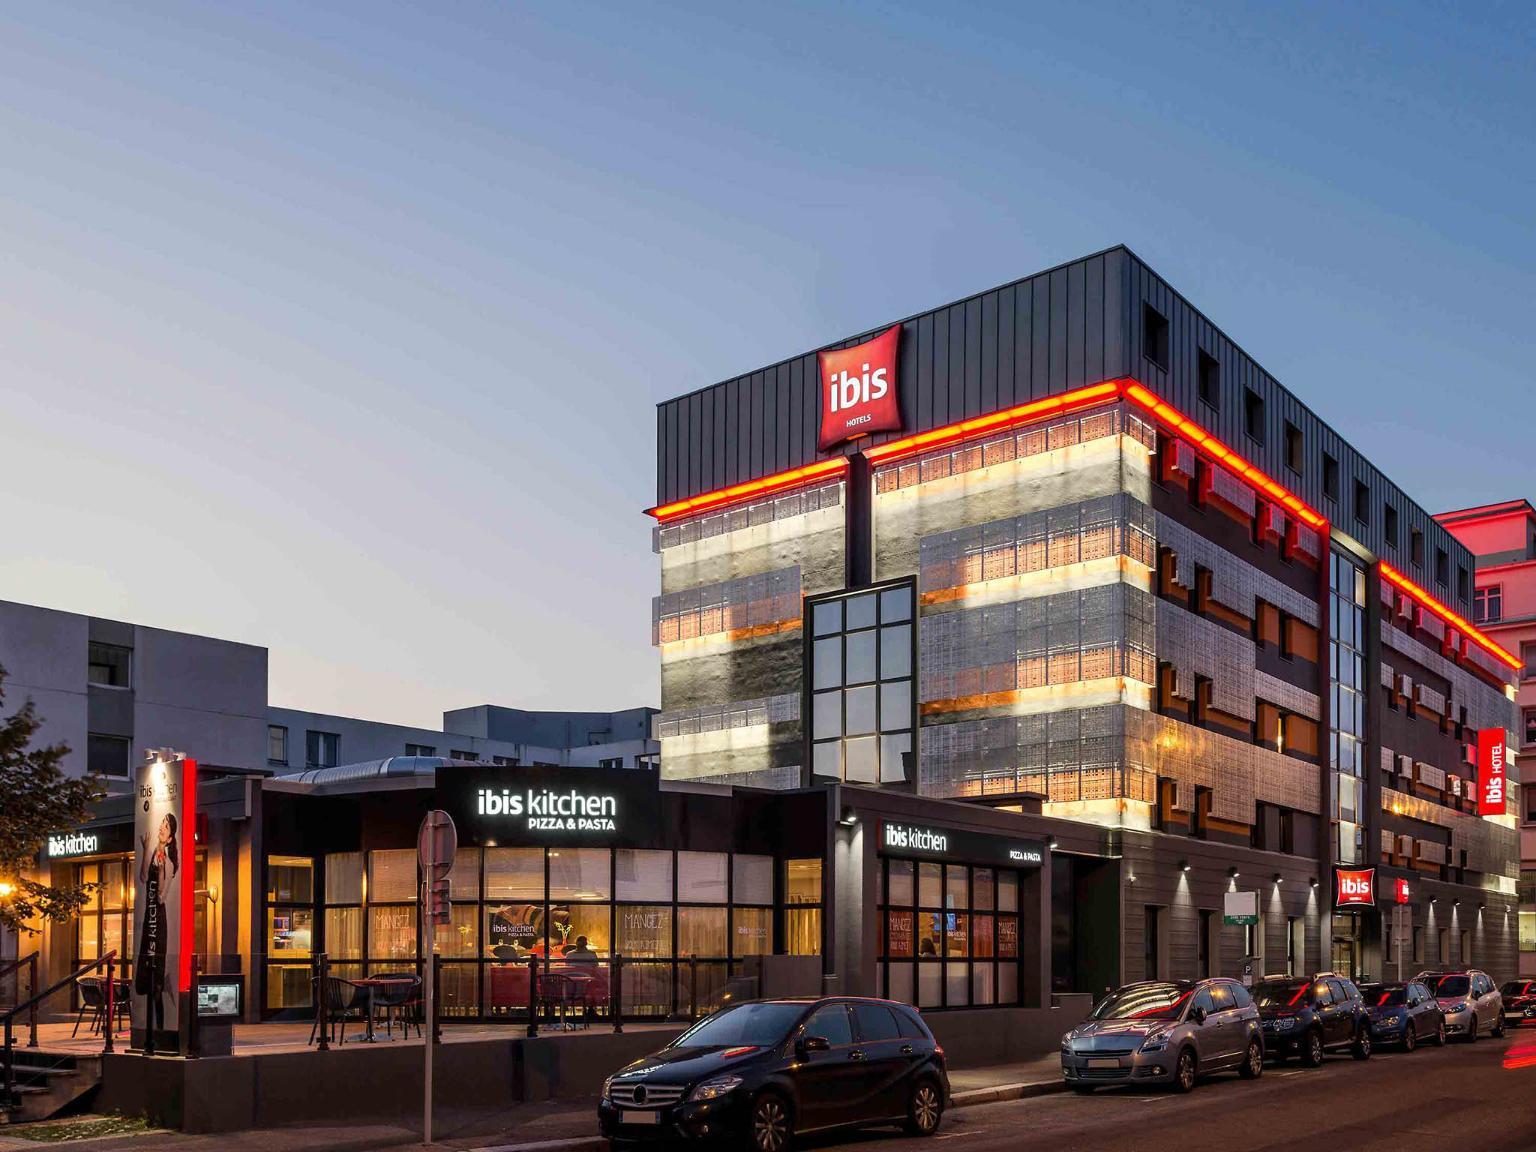 Ibis Le Havre Centre